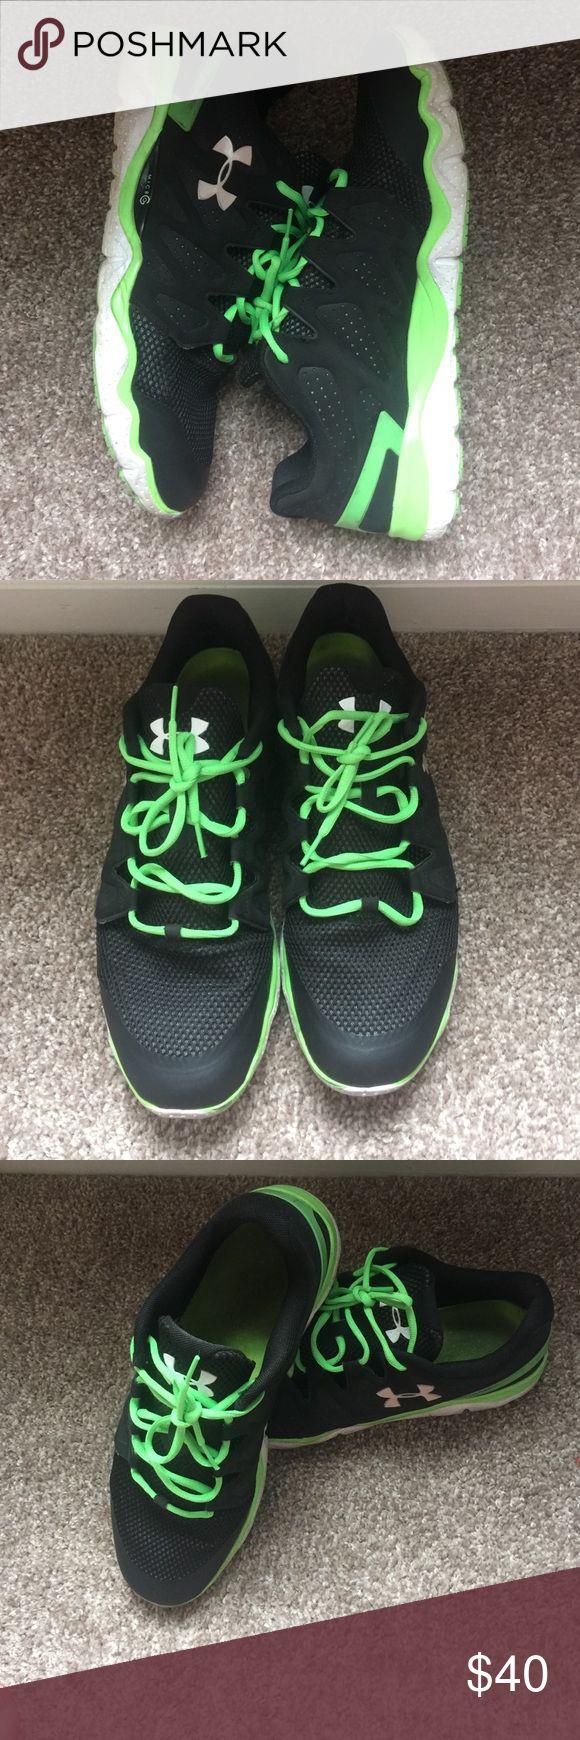 Men's Under Armour Training Shoes Size 13 Men's Under Armour Training Shoes Size 13 Under Armour Shoes Athletic Shoes